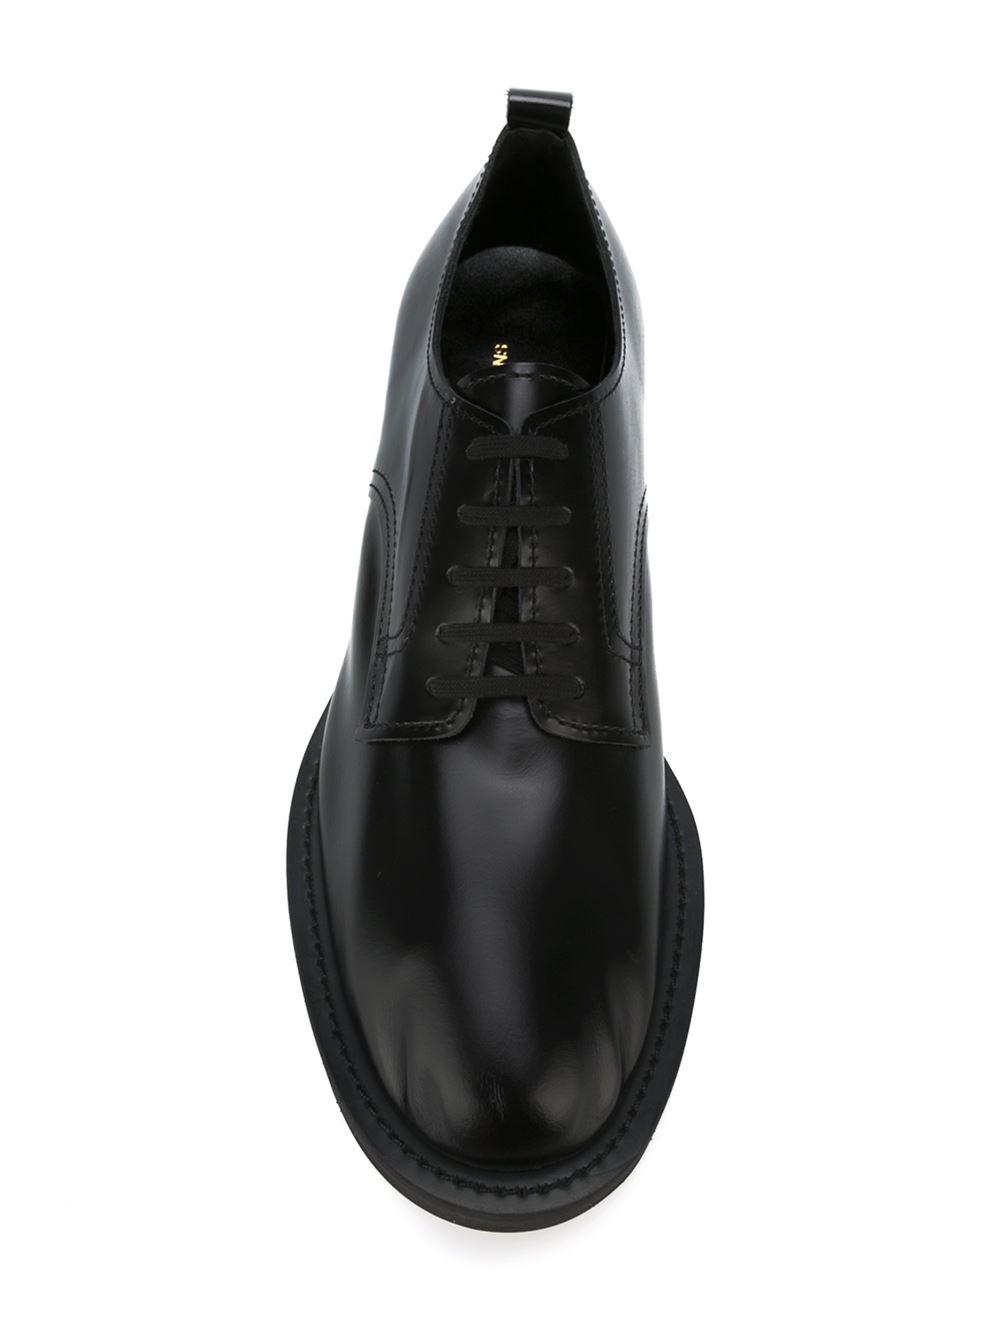 Comme des Garçons Leather Derby Shoes